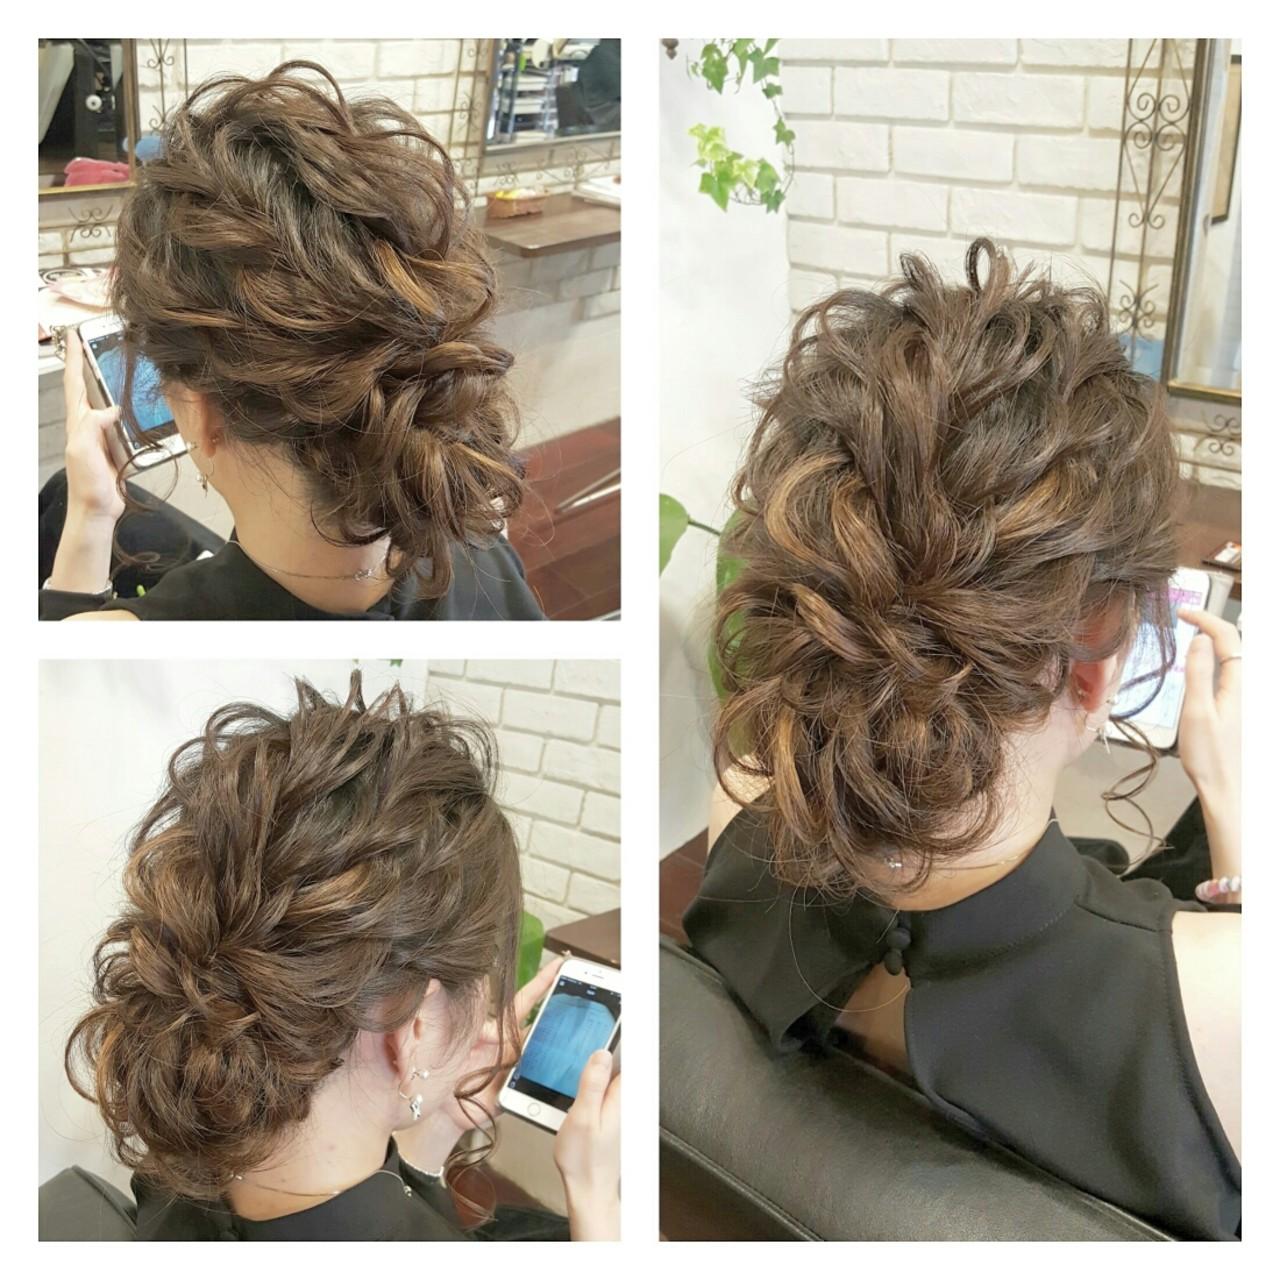 ハーフアップ 外国人風 大人かわいい ヘアアレンジ ヘアスタイルや髪型の写真・画像 | 岡本 幸治 / hair salon chelsea